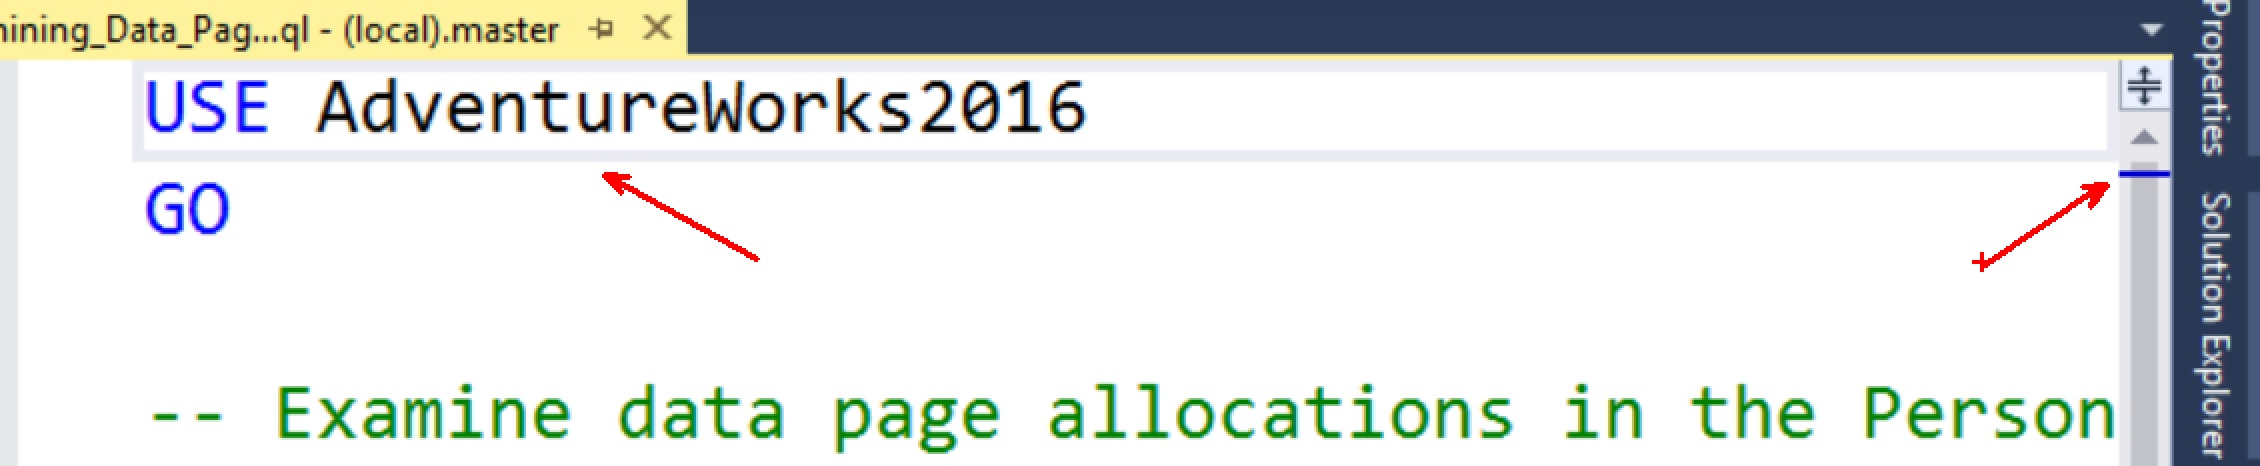 SQL SERVER 2016 - Management Studio Highlighting Current Line Option Line-highligted-01